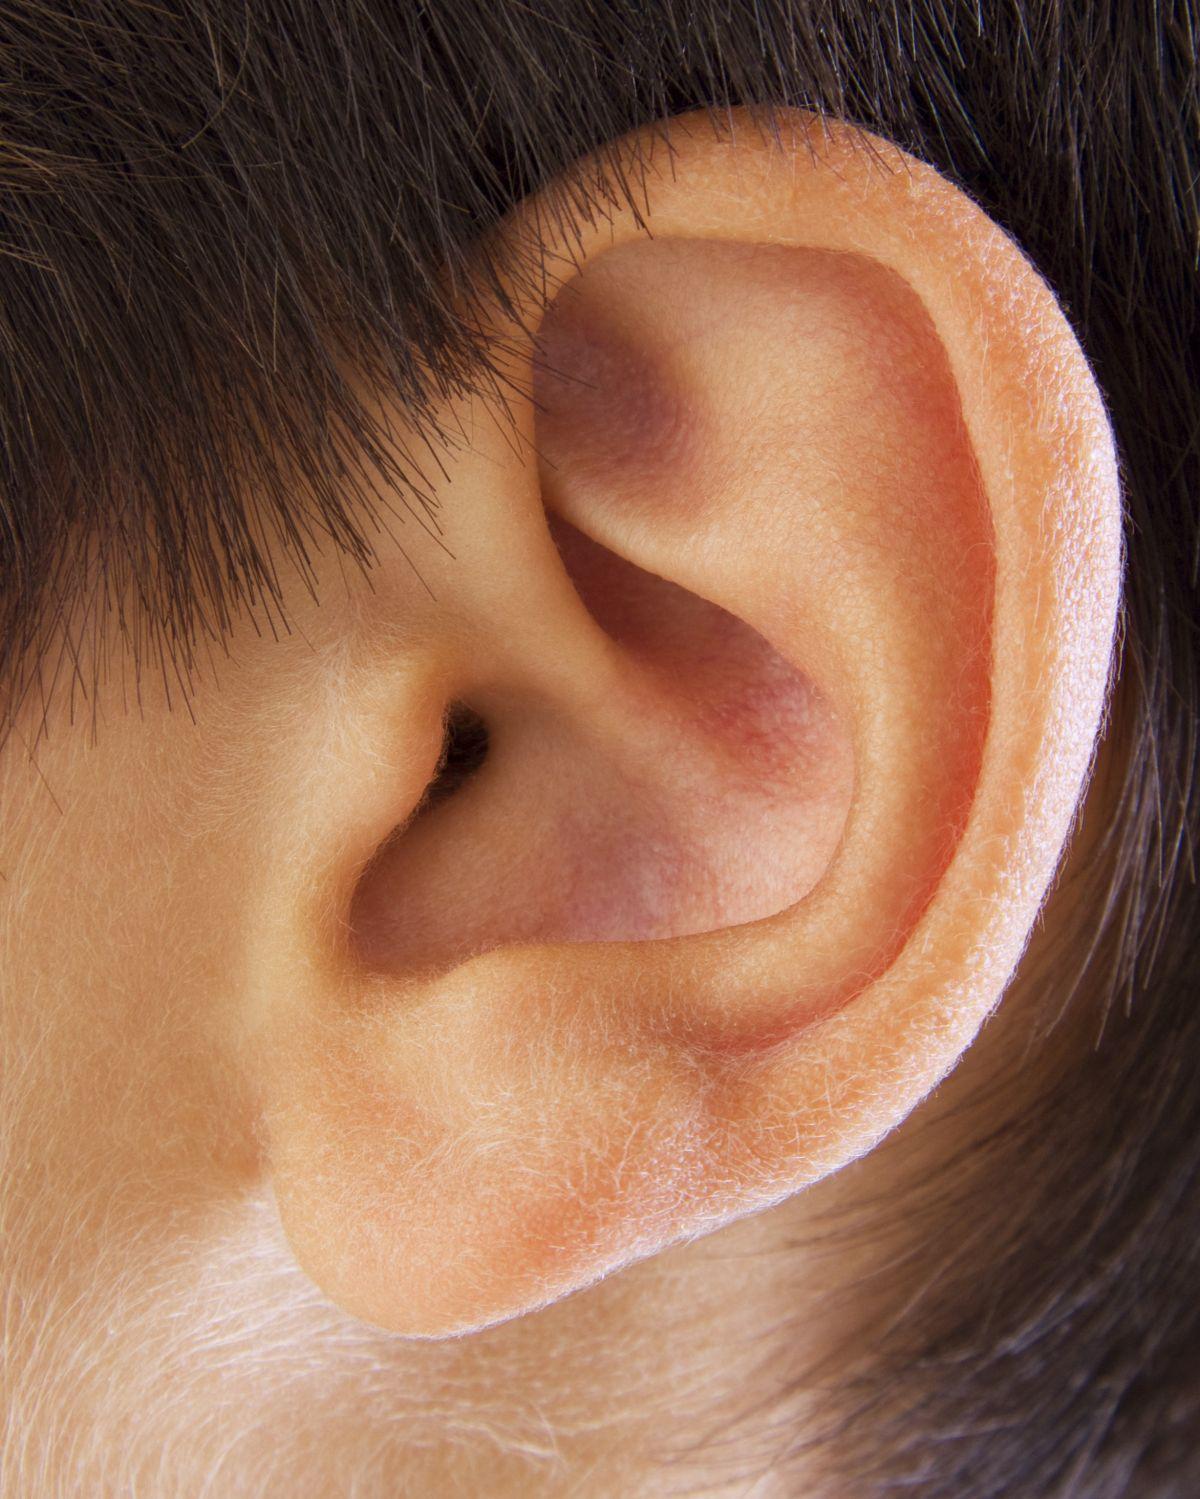 Фото уха человека